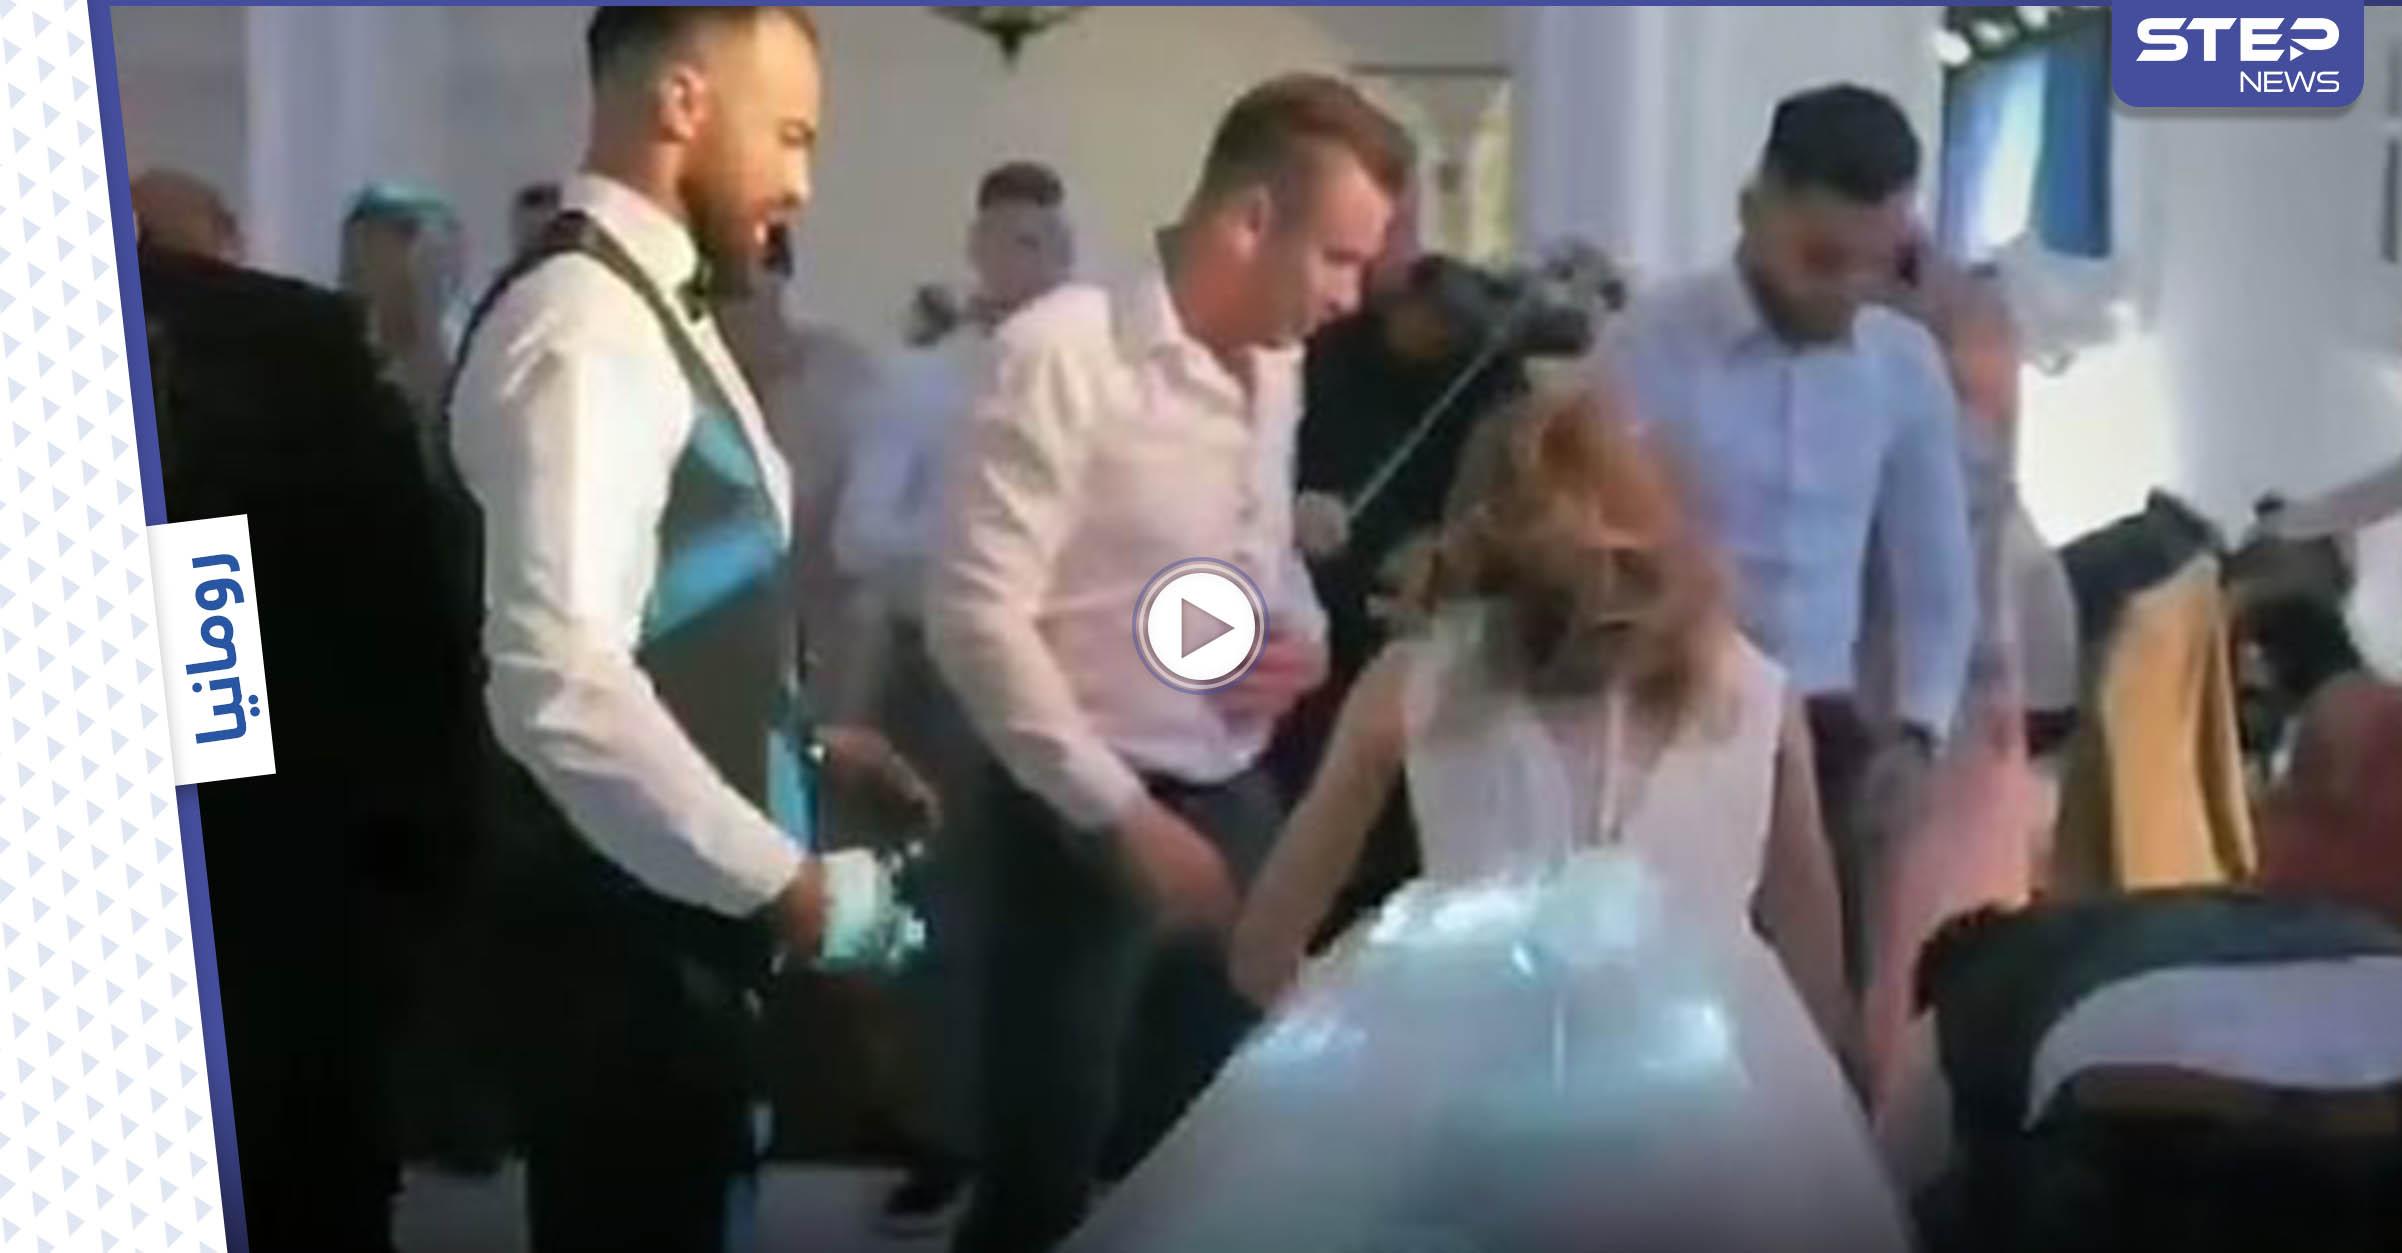 بالفيديو|| الكاميرا تلتقط لحظات مروّعة أثناء إصابة عريس بالشلل خلال زفافه وردة فعل العروس